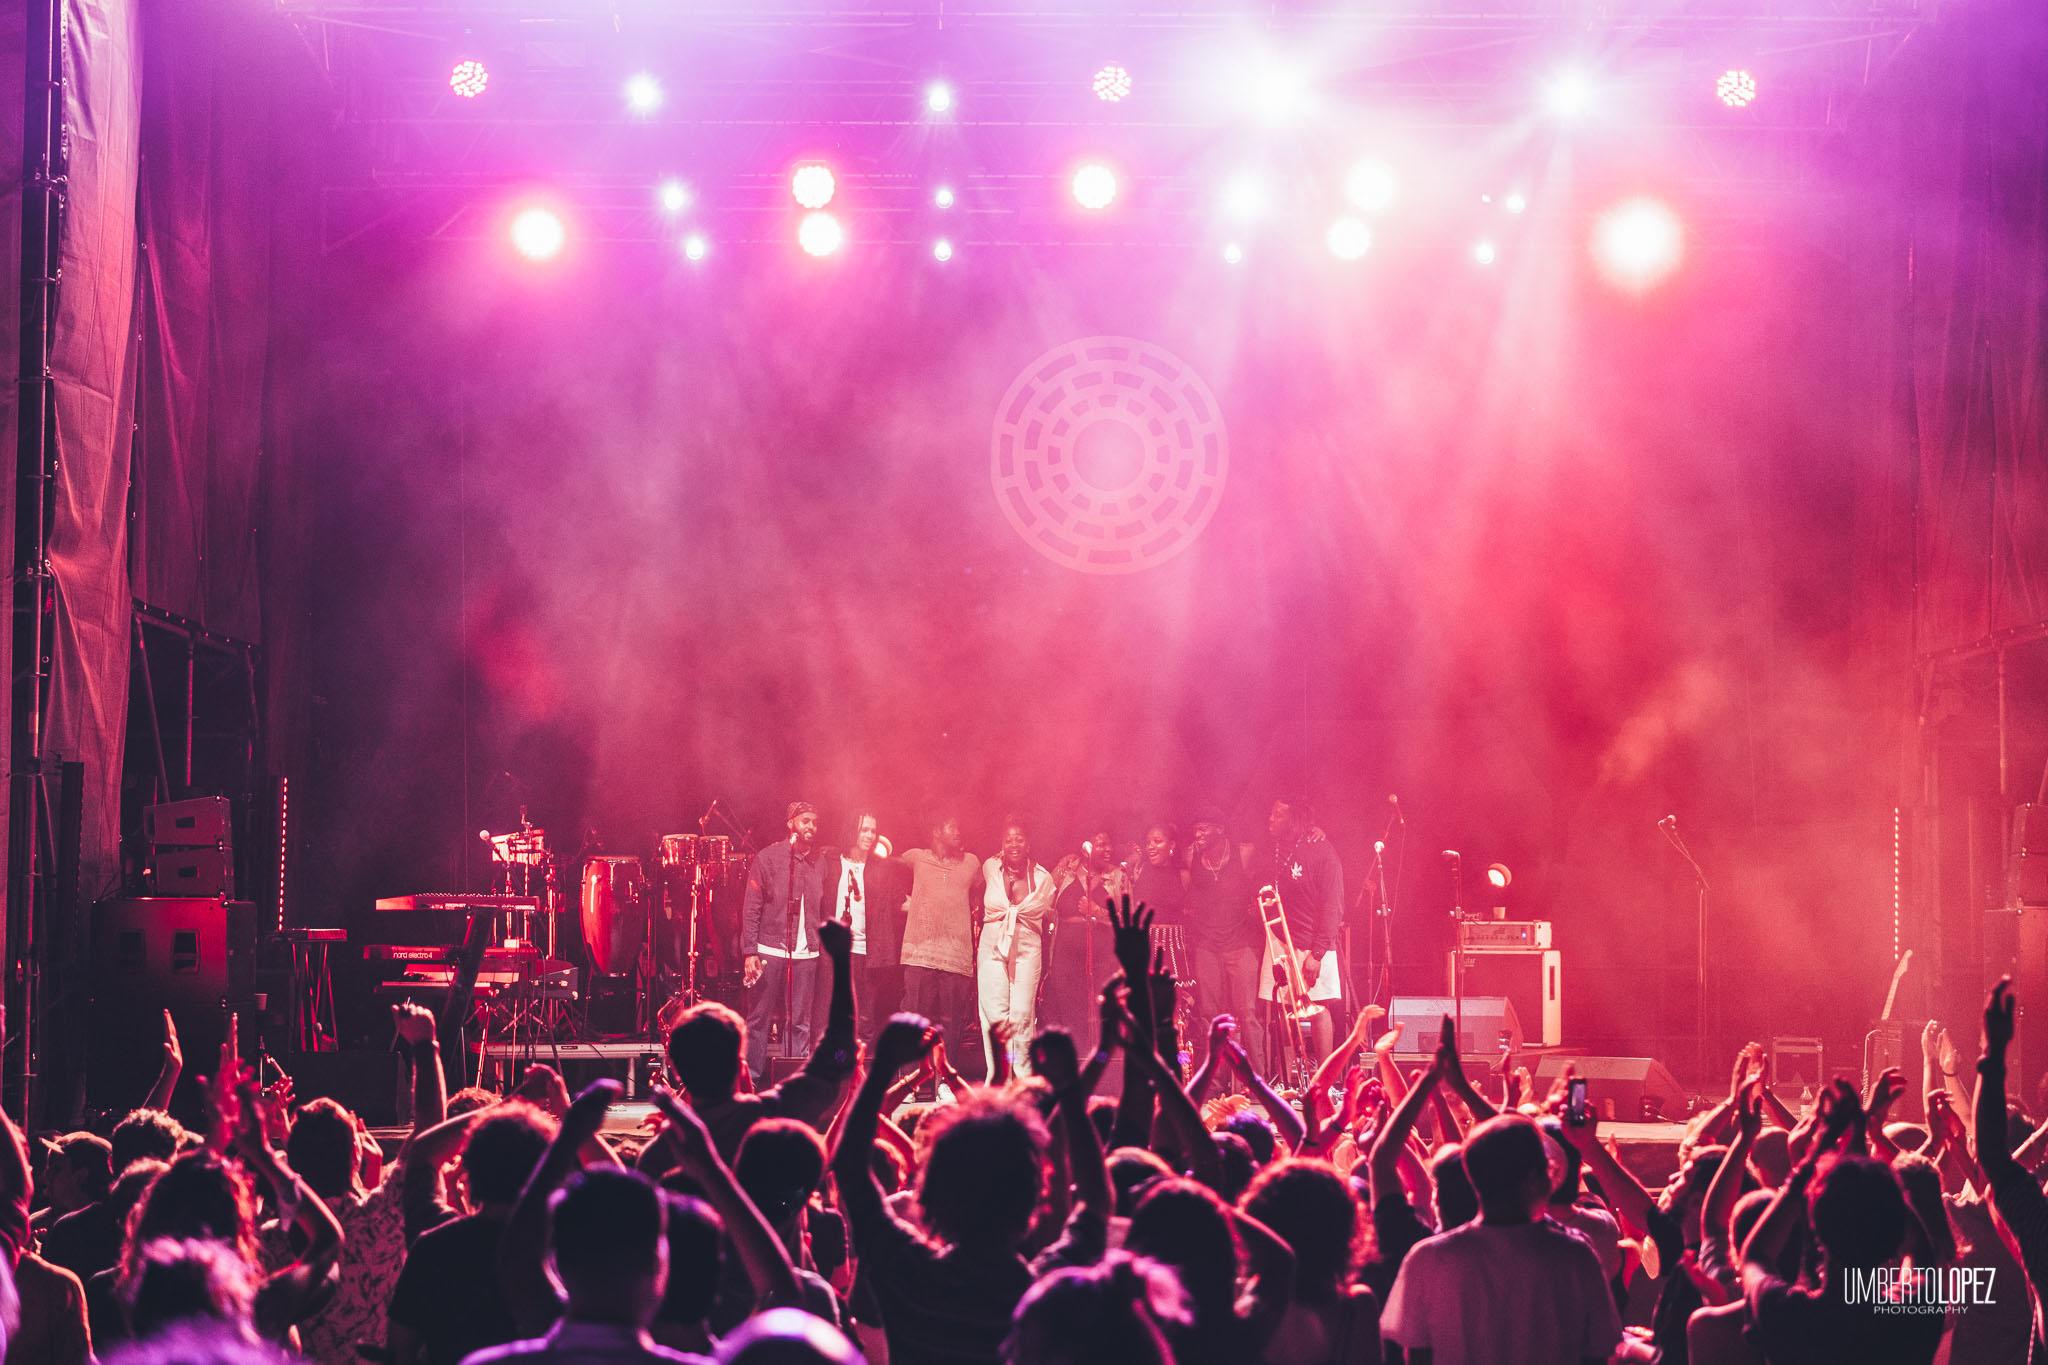 Concluso con successo il lungo viaggio del Locus festival 2021. 20.000 presenze in 15 serate di cui 11 sold-out sono la fotografia di un evento in continua crescita nonostante le difficoltà del settore. Appuntamento alla XVIII edizione a Locorotondo tra fine luglio e metà agosto 2022.